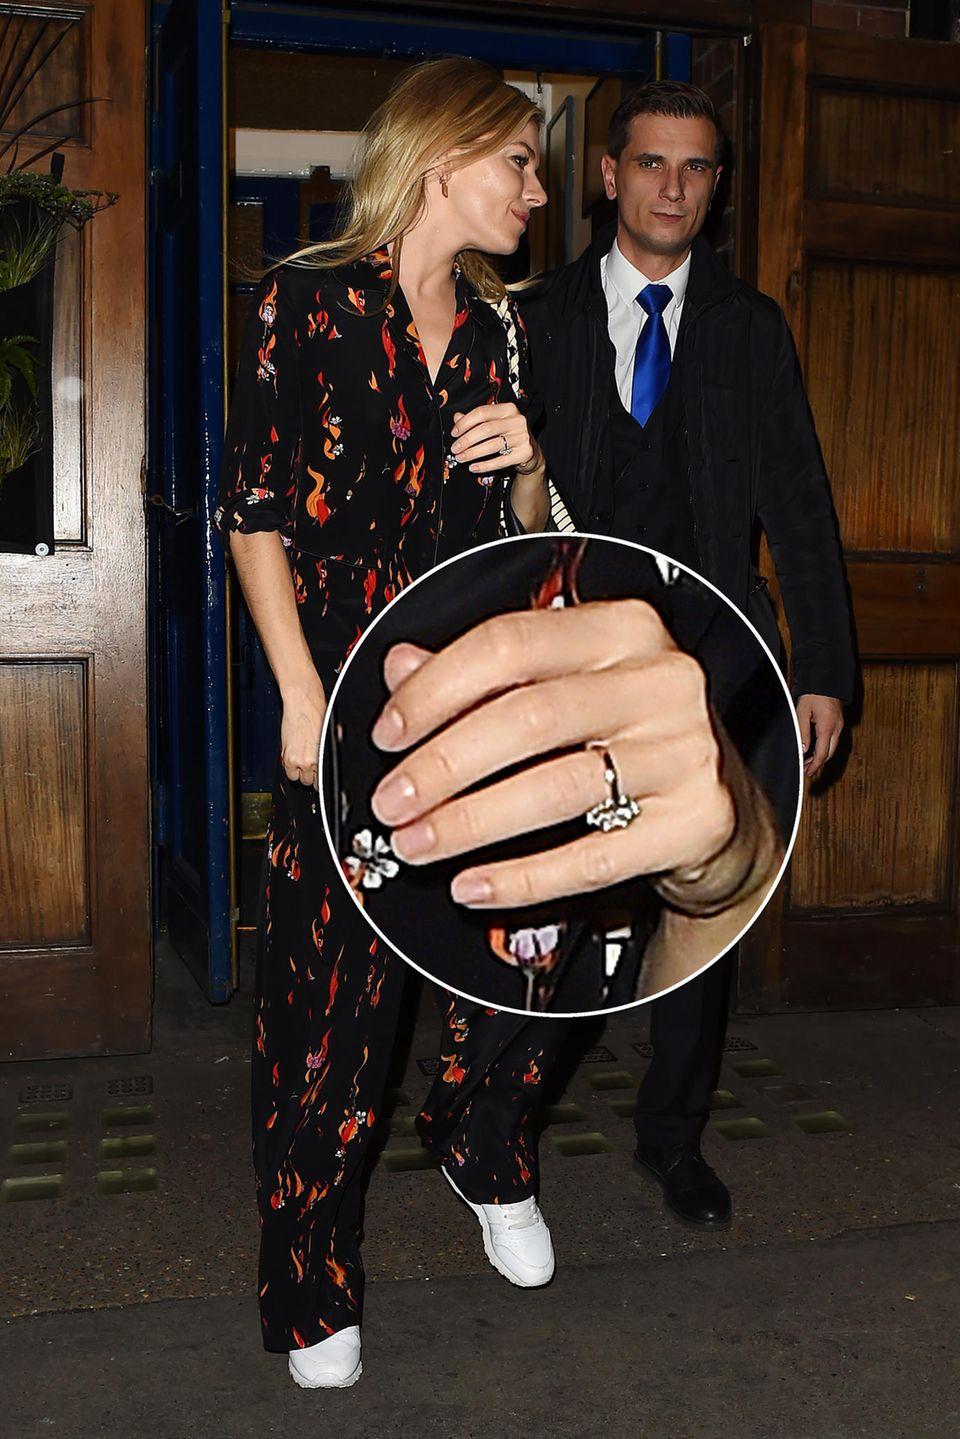 Sienna Miller datet seit einem guten Jahr den Regisseur Bennett Miller. Kein Wunder dass nach diesen Fotos von ihr mit XXL-Klunker am Ringfinger Gerüchte laut wurden, die beiden hätten sich verlobt. Der 35-Jährigen wäre ein Happy End nach dem Auf und Ab der letzten Jahre wirklich zu wünschen.